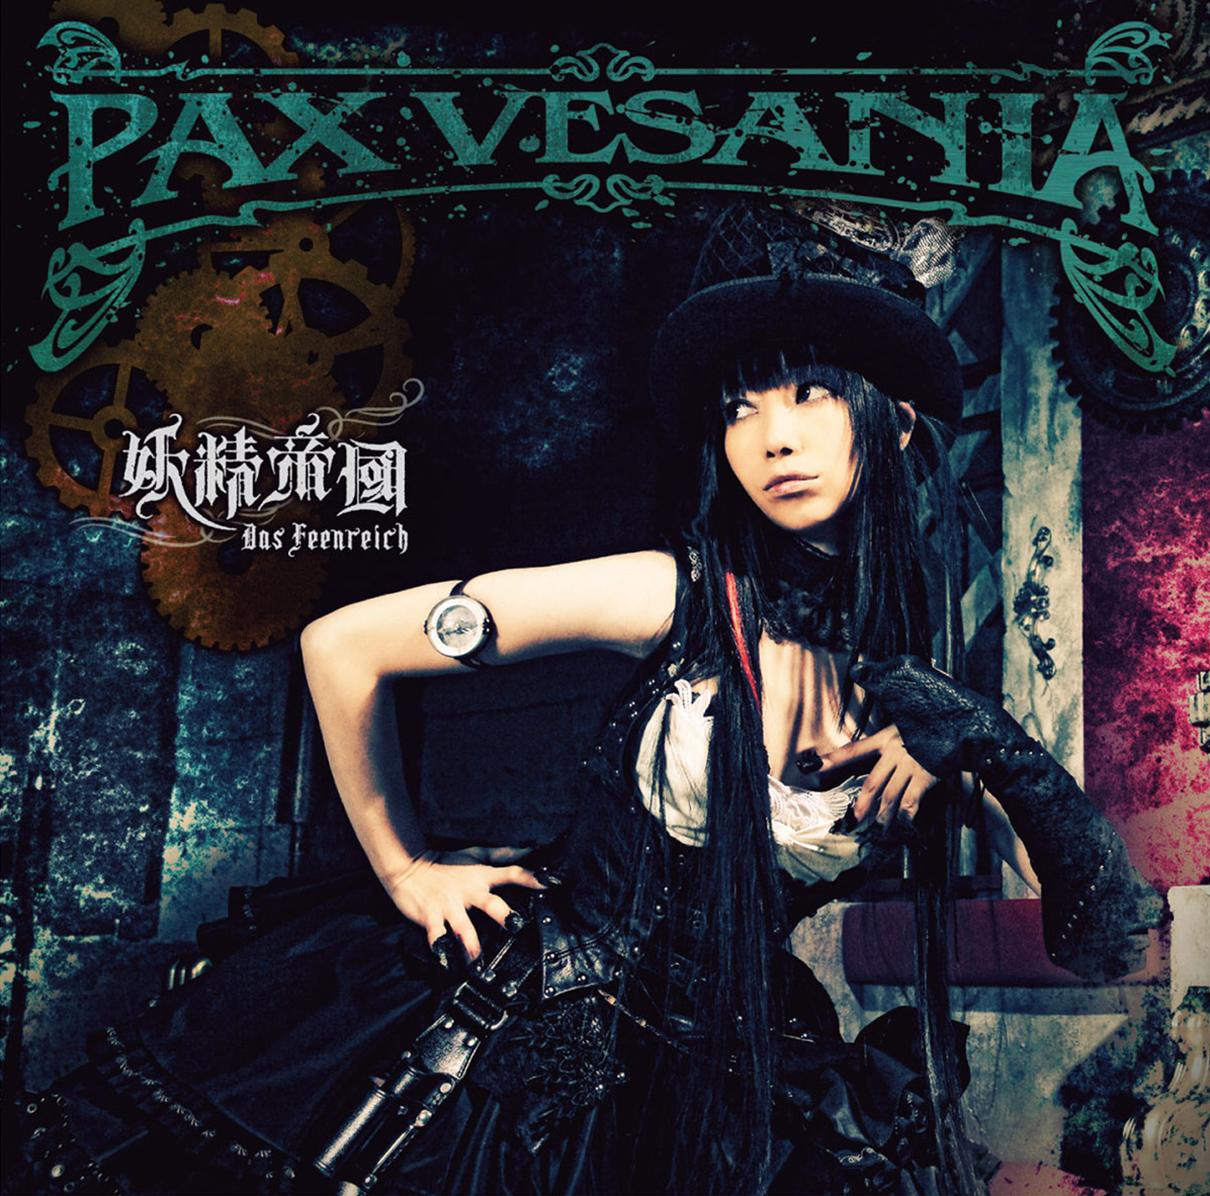 Yousei Teikoku - PAX VESANIA